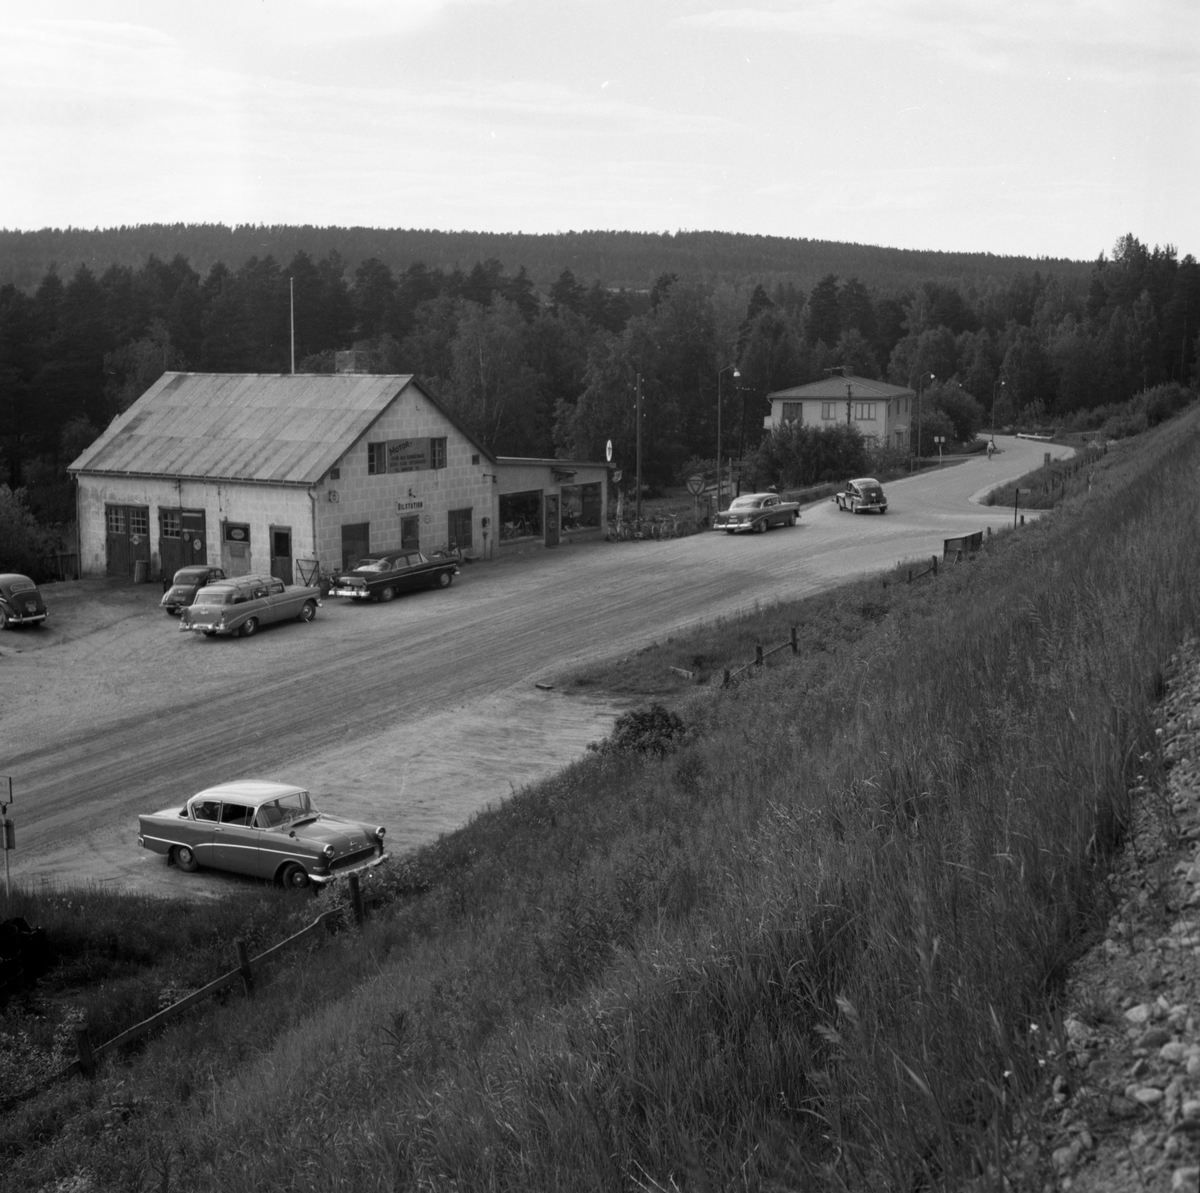 """Någonstans i Värmland - från slutet av 1950-talet. Kommentar från en användare: """"Perssons Maskin o Bil Munkfors. Borgar Lorangs Sportaffär""""."""